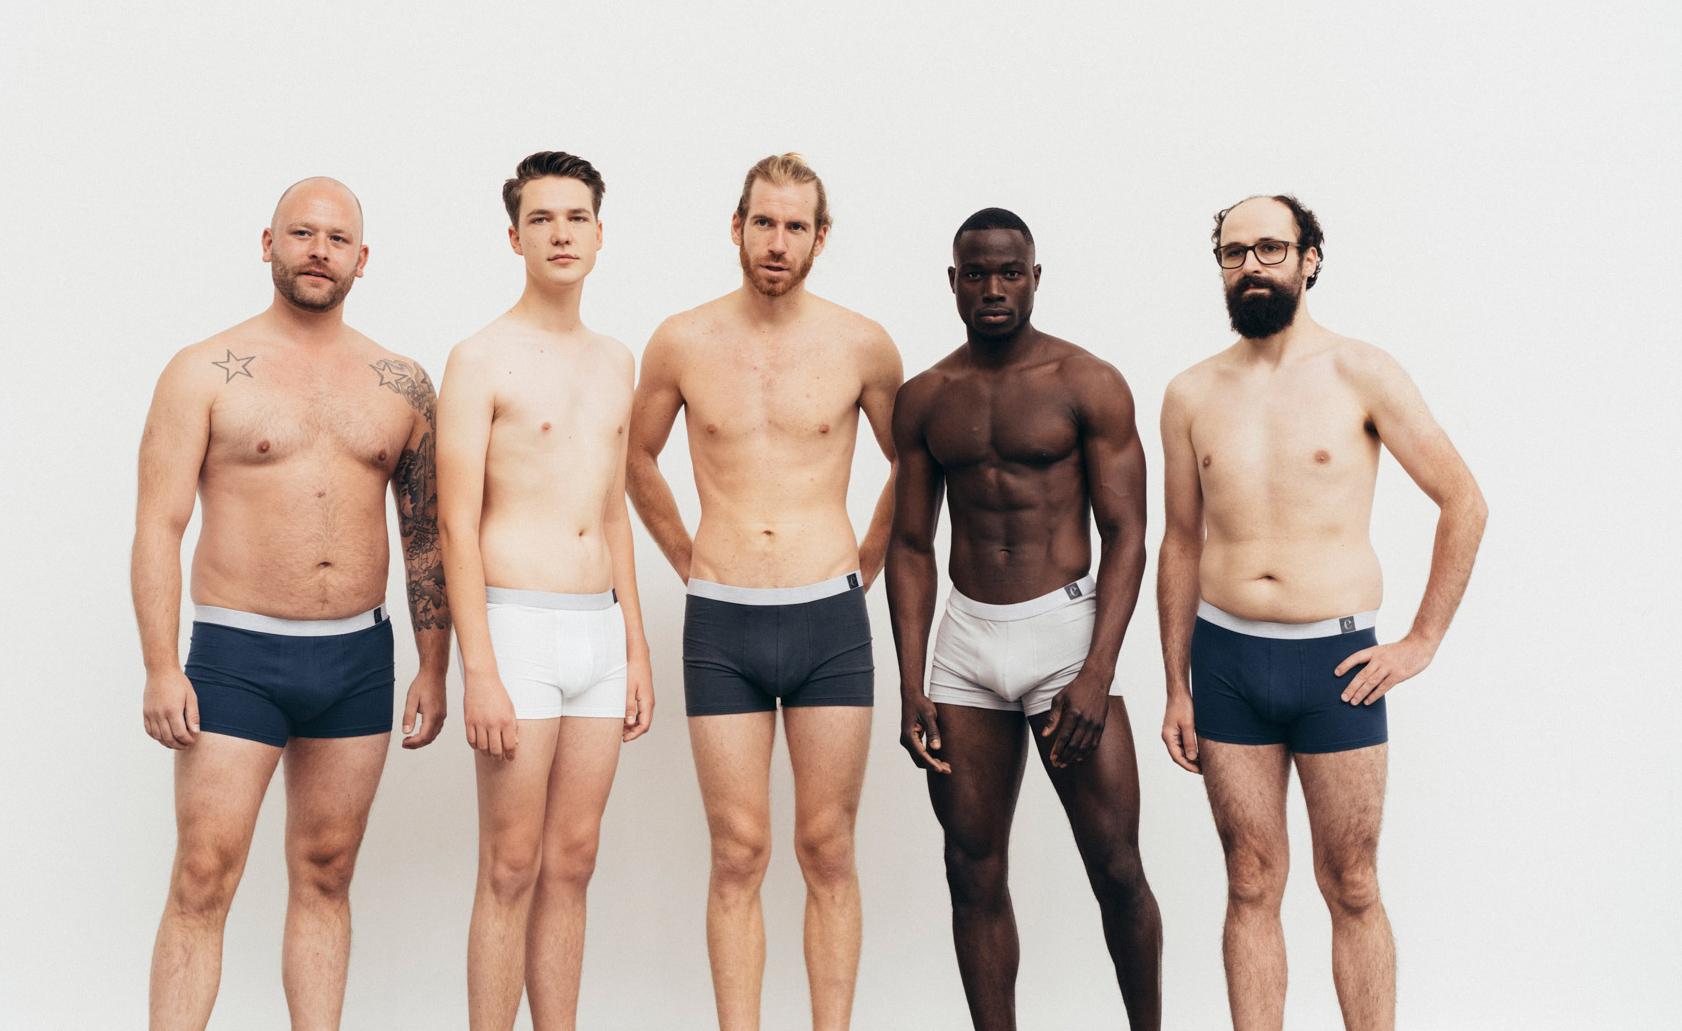 erlich textil produziert auch nachhaltige Unterwäsche für Männer